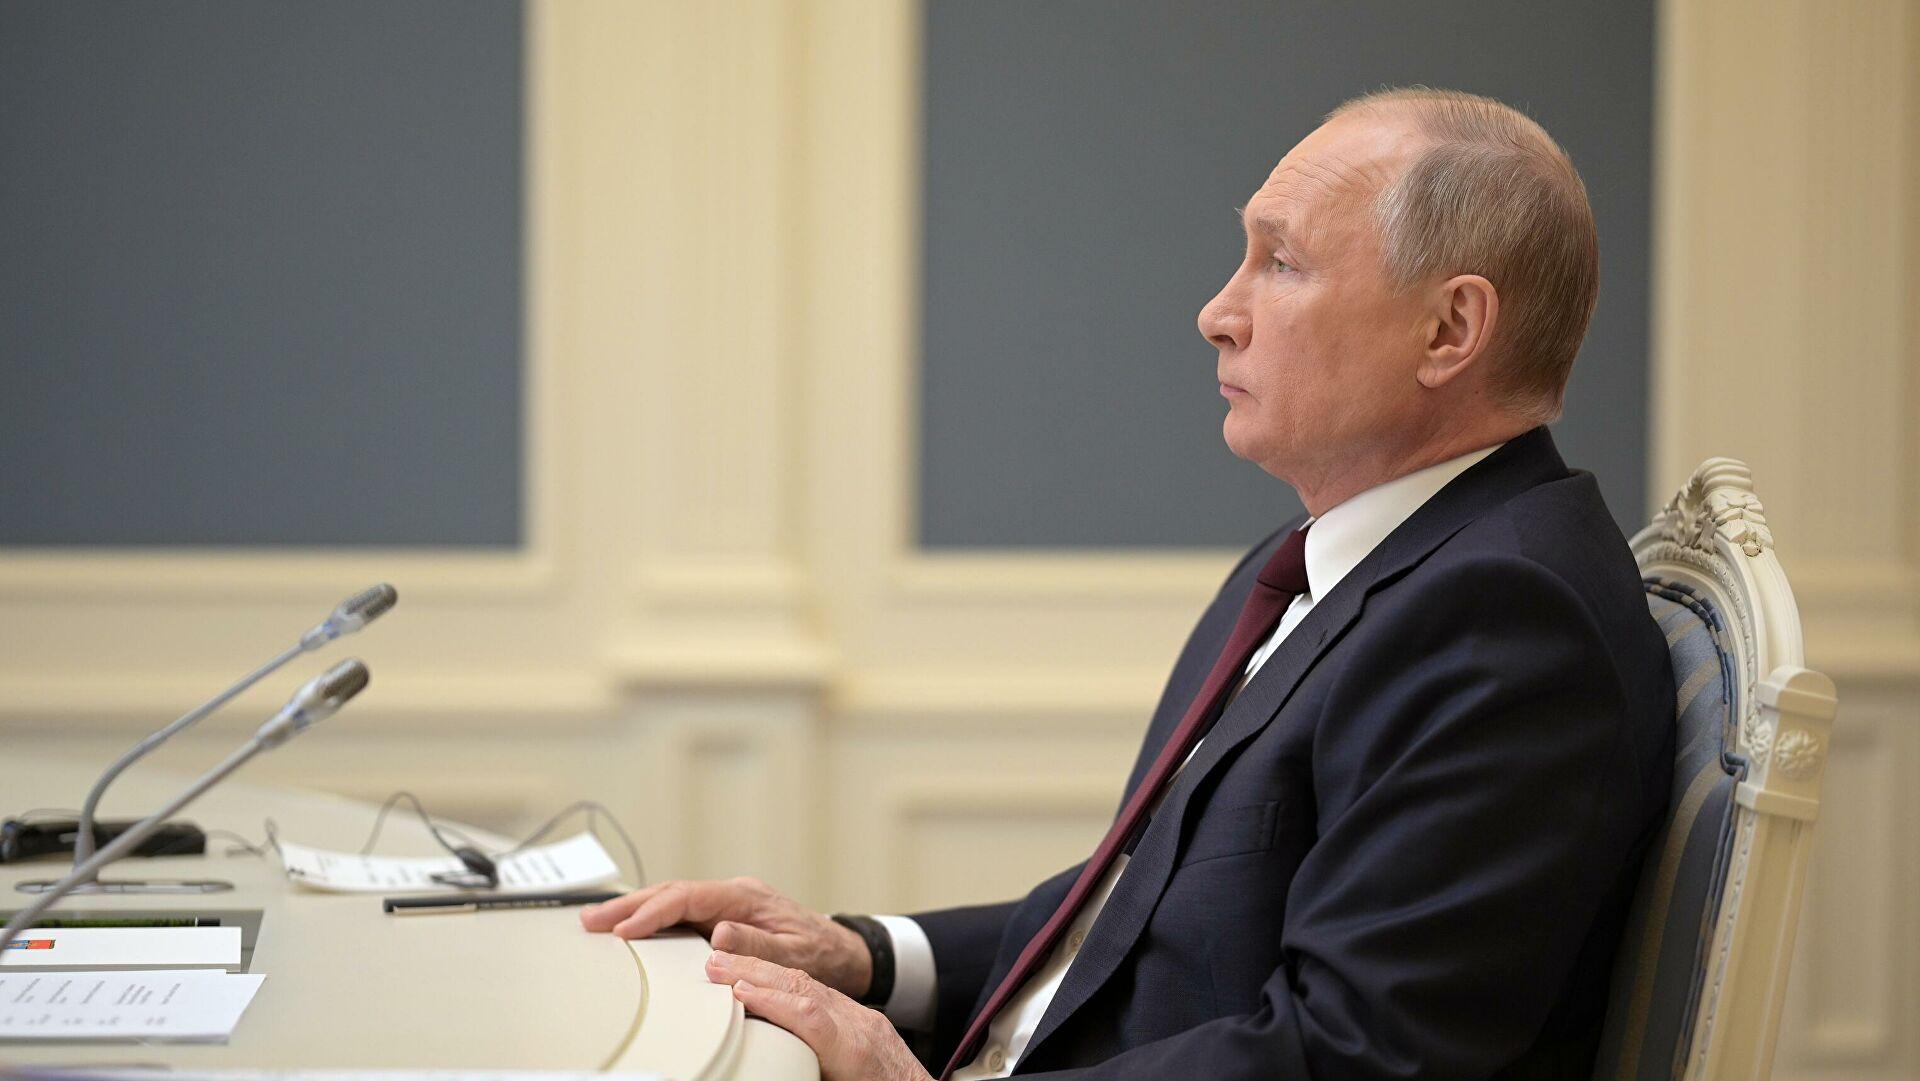 Кремљ: Путин и Зеленски у случају комуникације могу да разговарају о билатералним односима, а тема као што је Крим не постоји